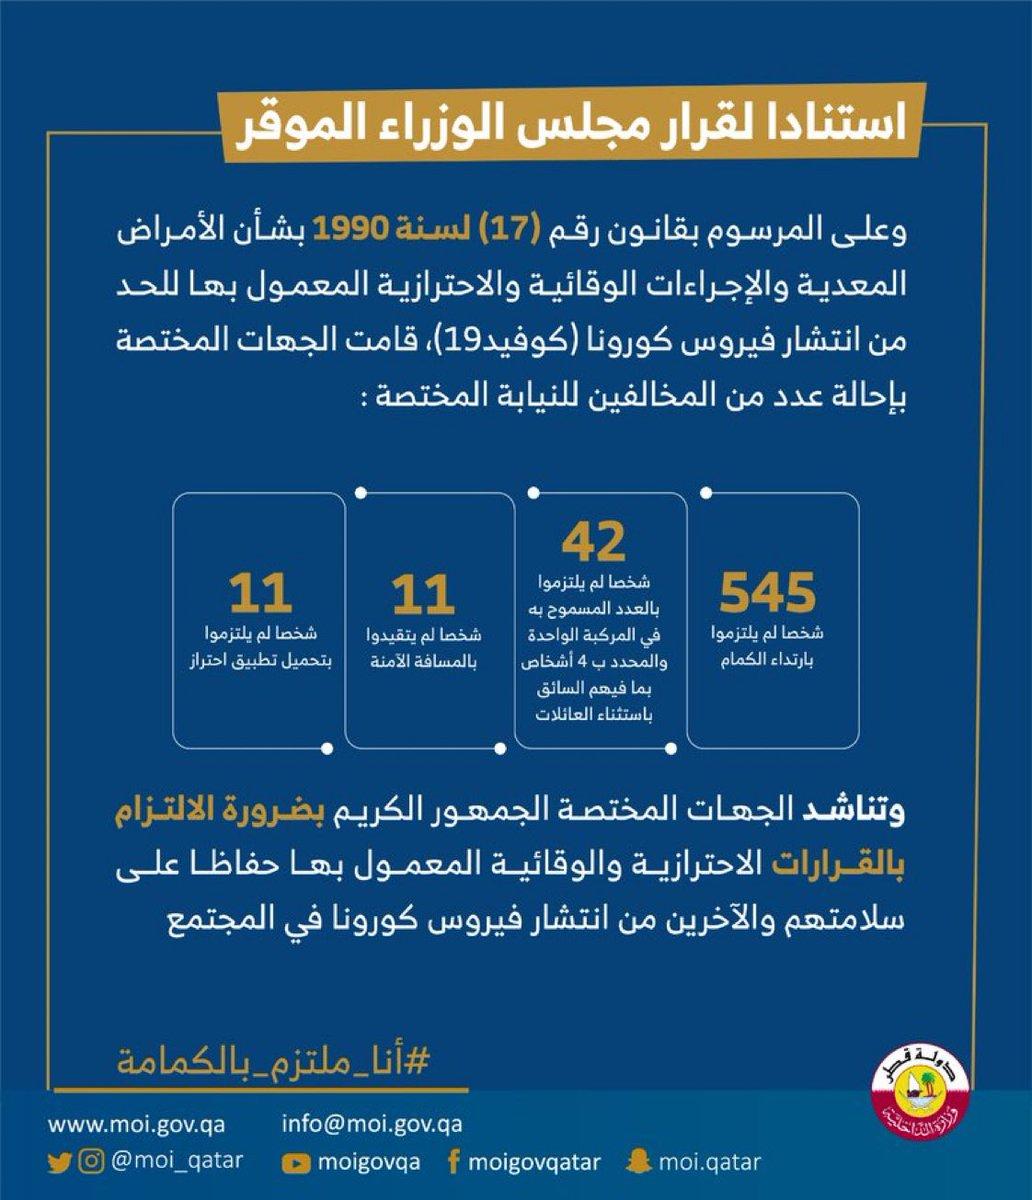 استنادا لقرار مجلس الوزراء الموقر وعلى المرسوم بقانون رقم (17) لسنة 1990 بشأن الأمراض المعدية والإجراءات الوقائية والاحترازية المعمول بها للحد من انتشار #فيروس_كورونا (كوفيد19)، قامت الجهات المختصة بإحالة عدد من المخالفين للنيابة المختصة @MOI_Qatar